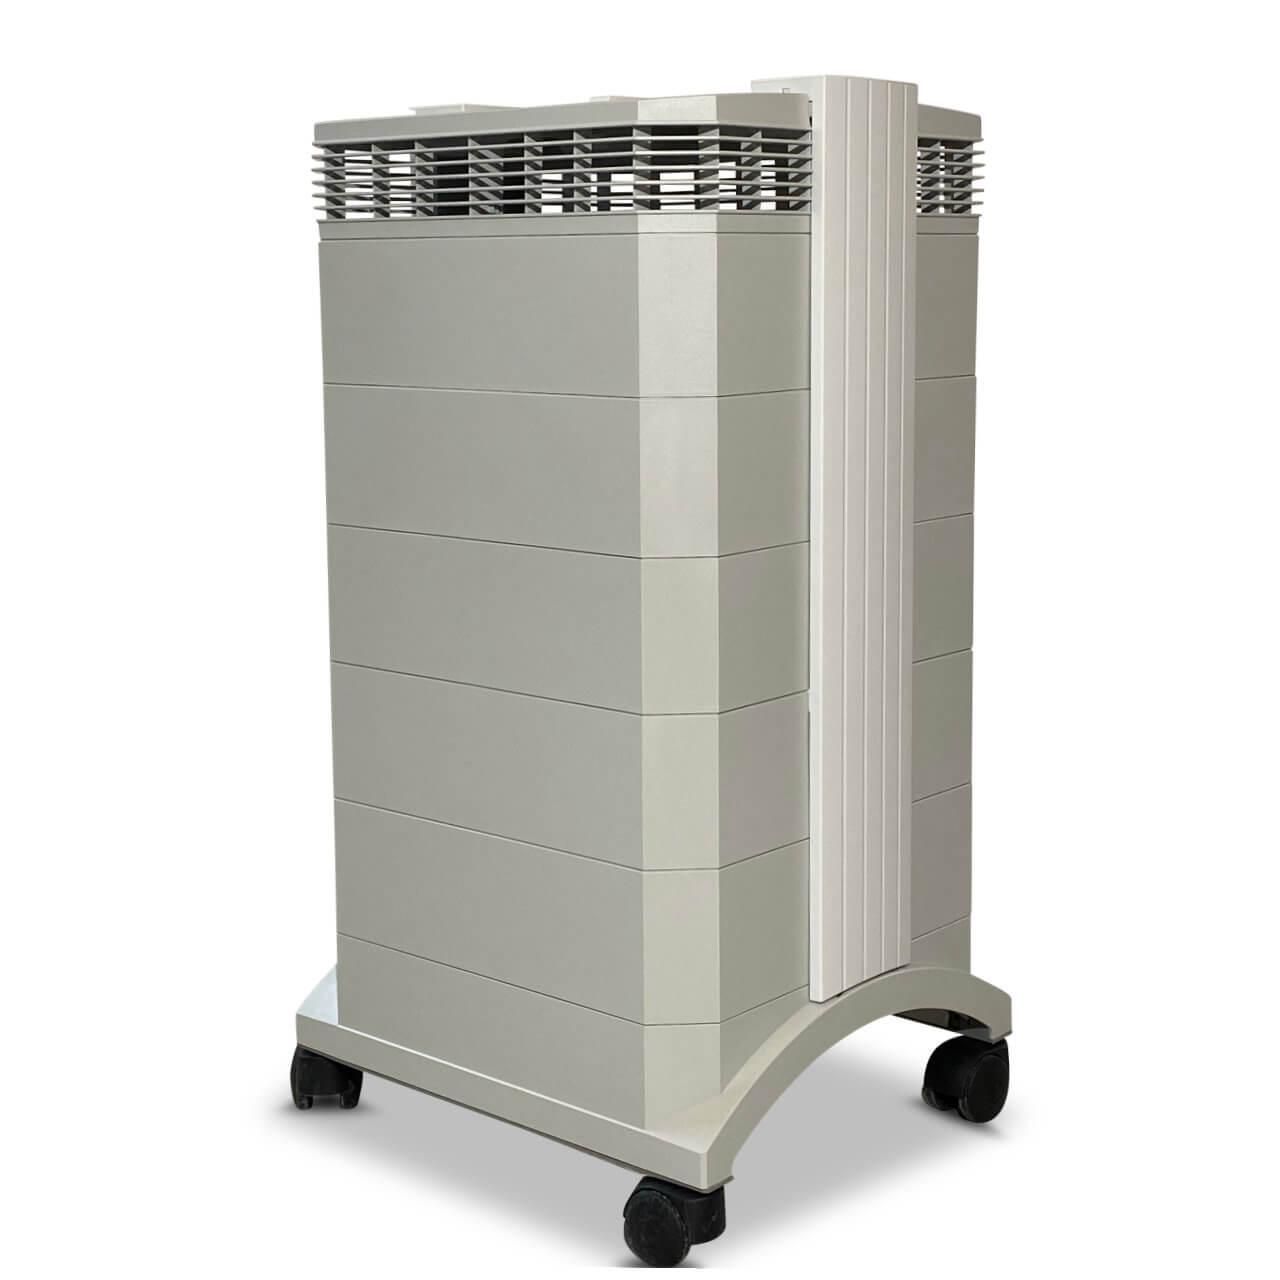 Luftreiniger HealthPro 250 003 - Für Schulen: IQAir Luftreiniger HealthPro<sup>®</sup> 250 zu mieten